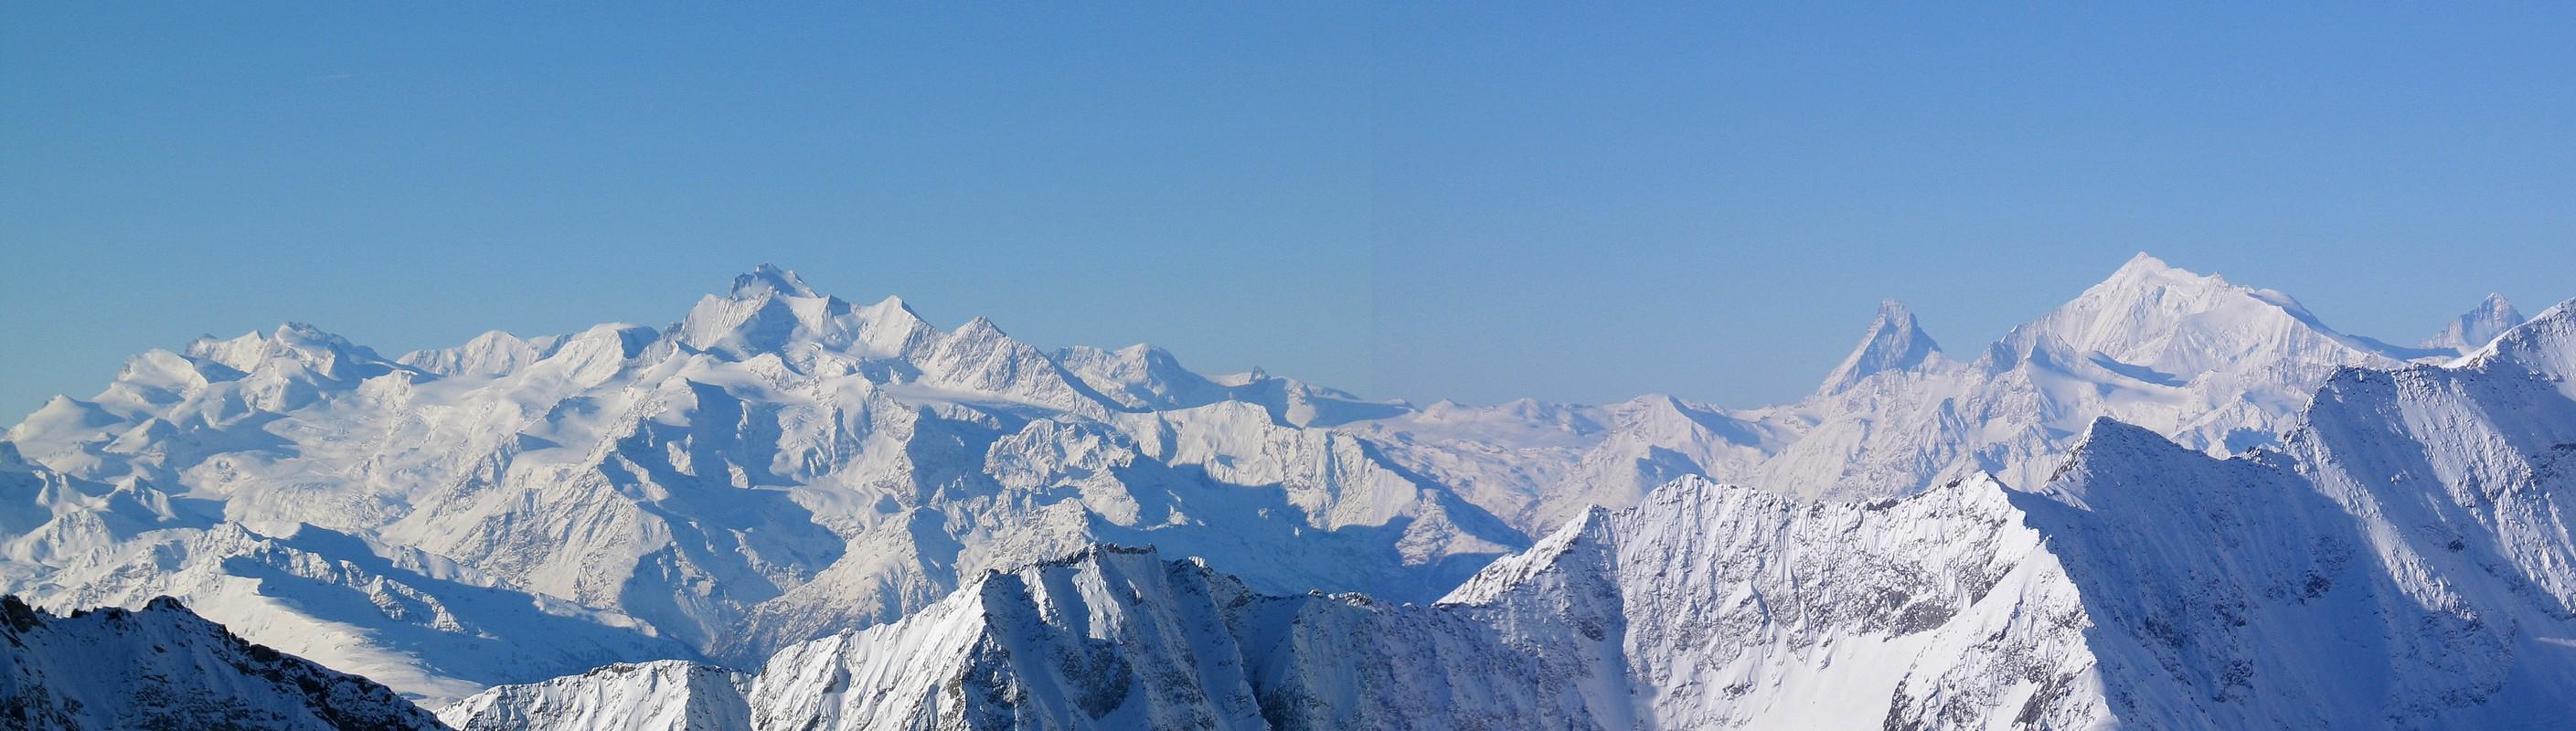 Grosser Aletschhorn Berner Alpen / Alpes bernoises Schweiz panorama 23